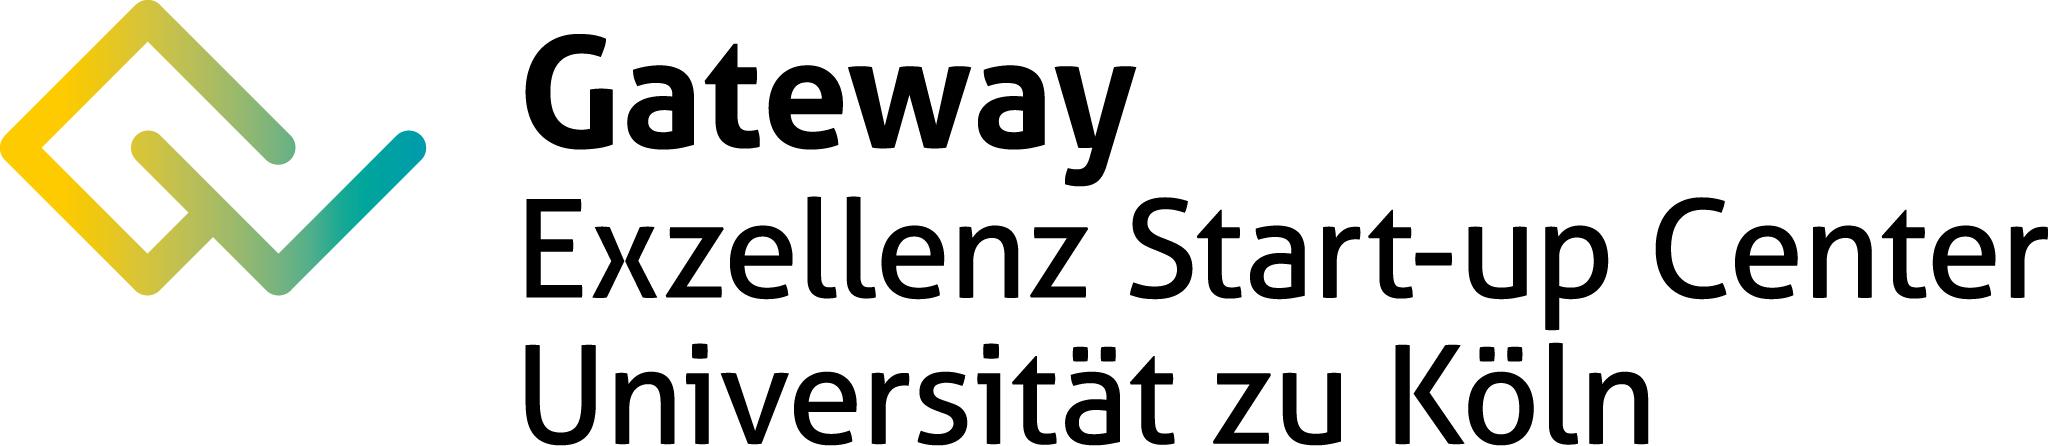 gateway logo normal 3671396d5b3491728deb8bd01729170a